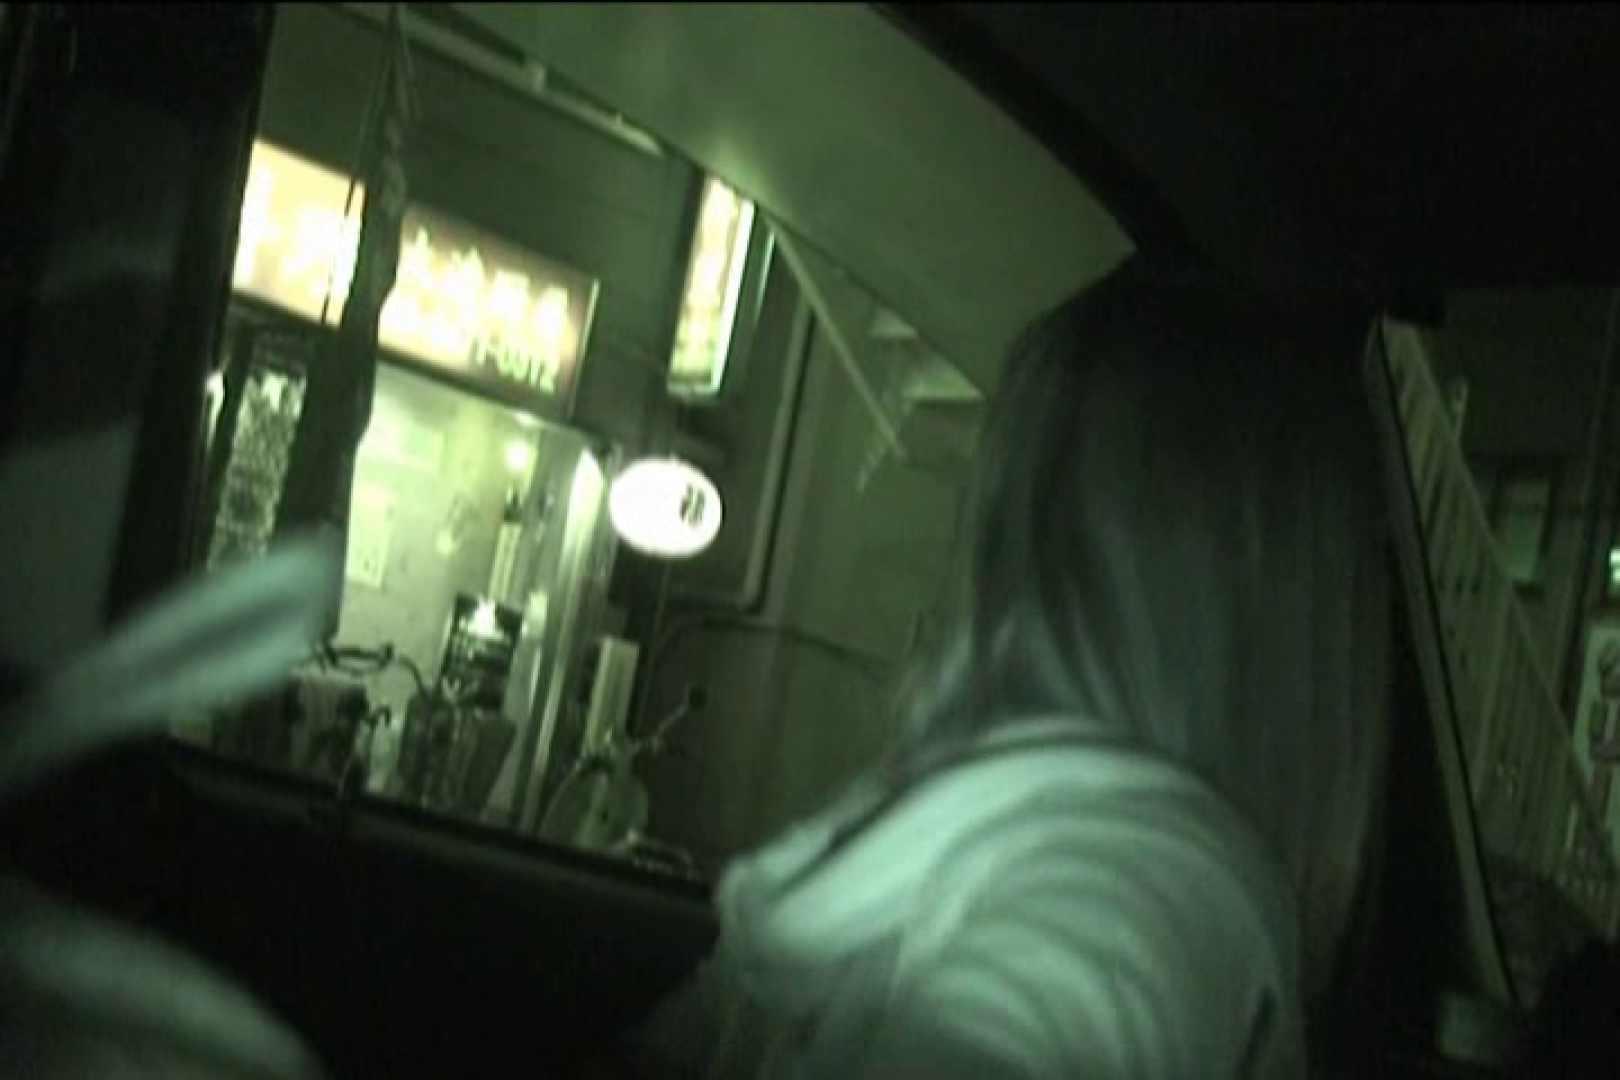 車内で初めまして! vol03 0  91pic 30